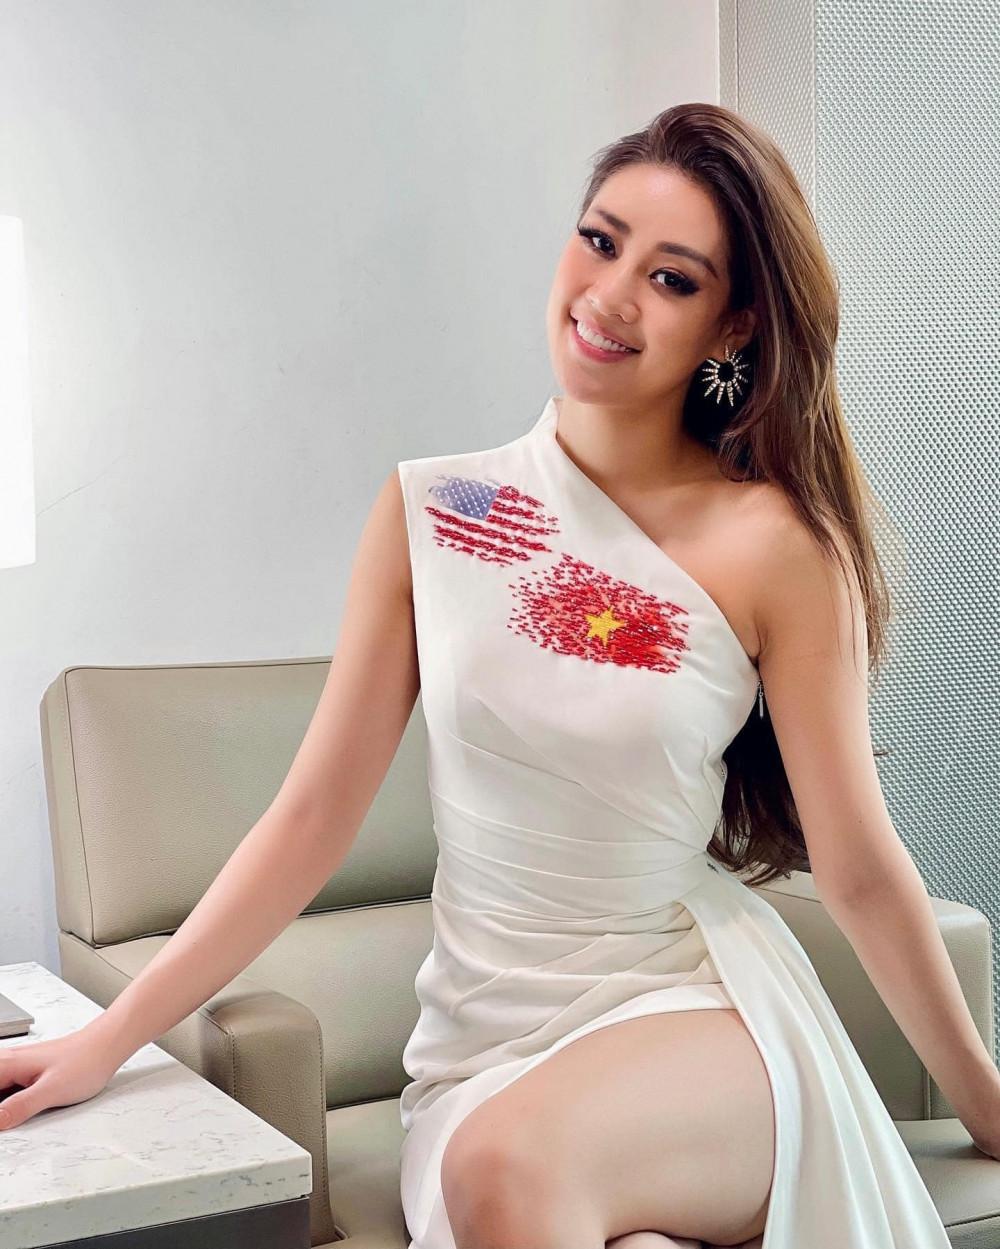 Điểm nhấn của bộ váy là quốc kỳ Việt Nam và Mỹ được thực hiện bằng phương pháp đính kết rất tinh tế.